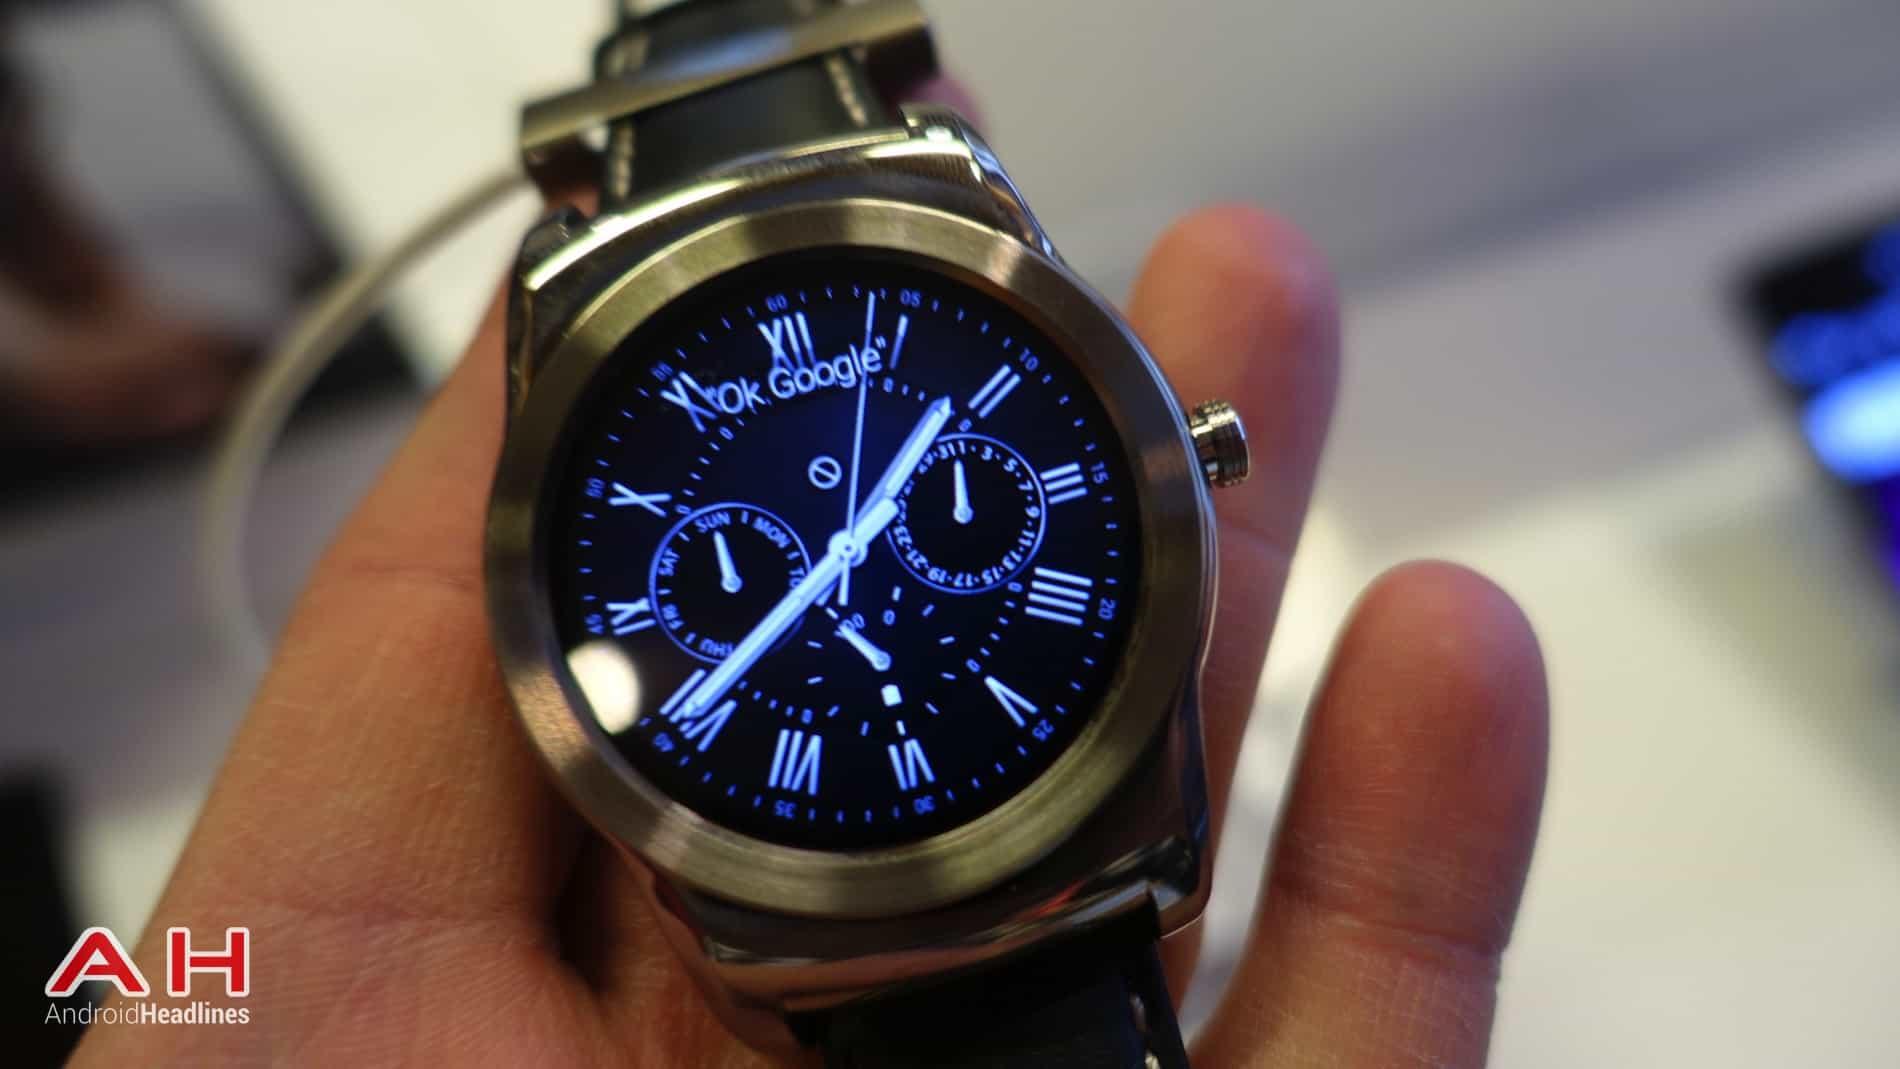 LG Watch Urbane AH10